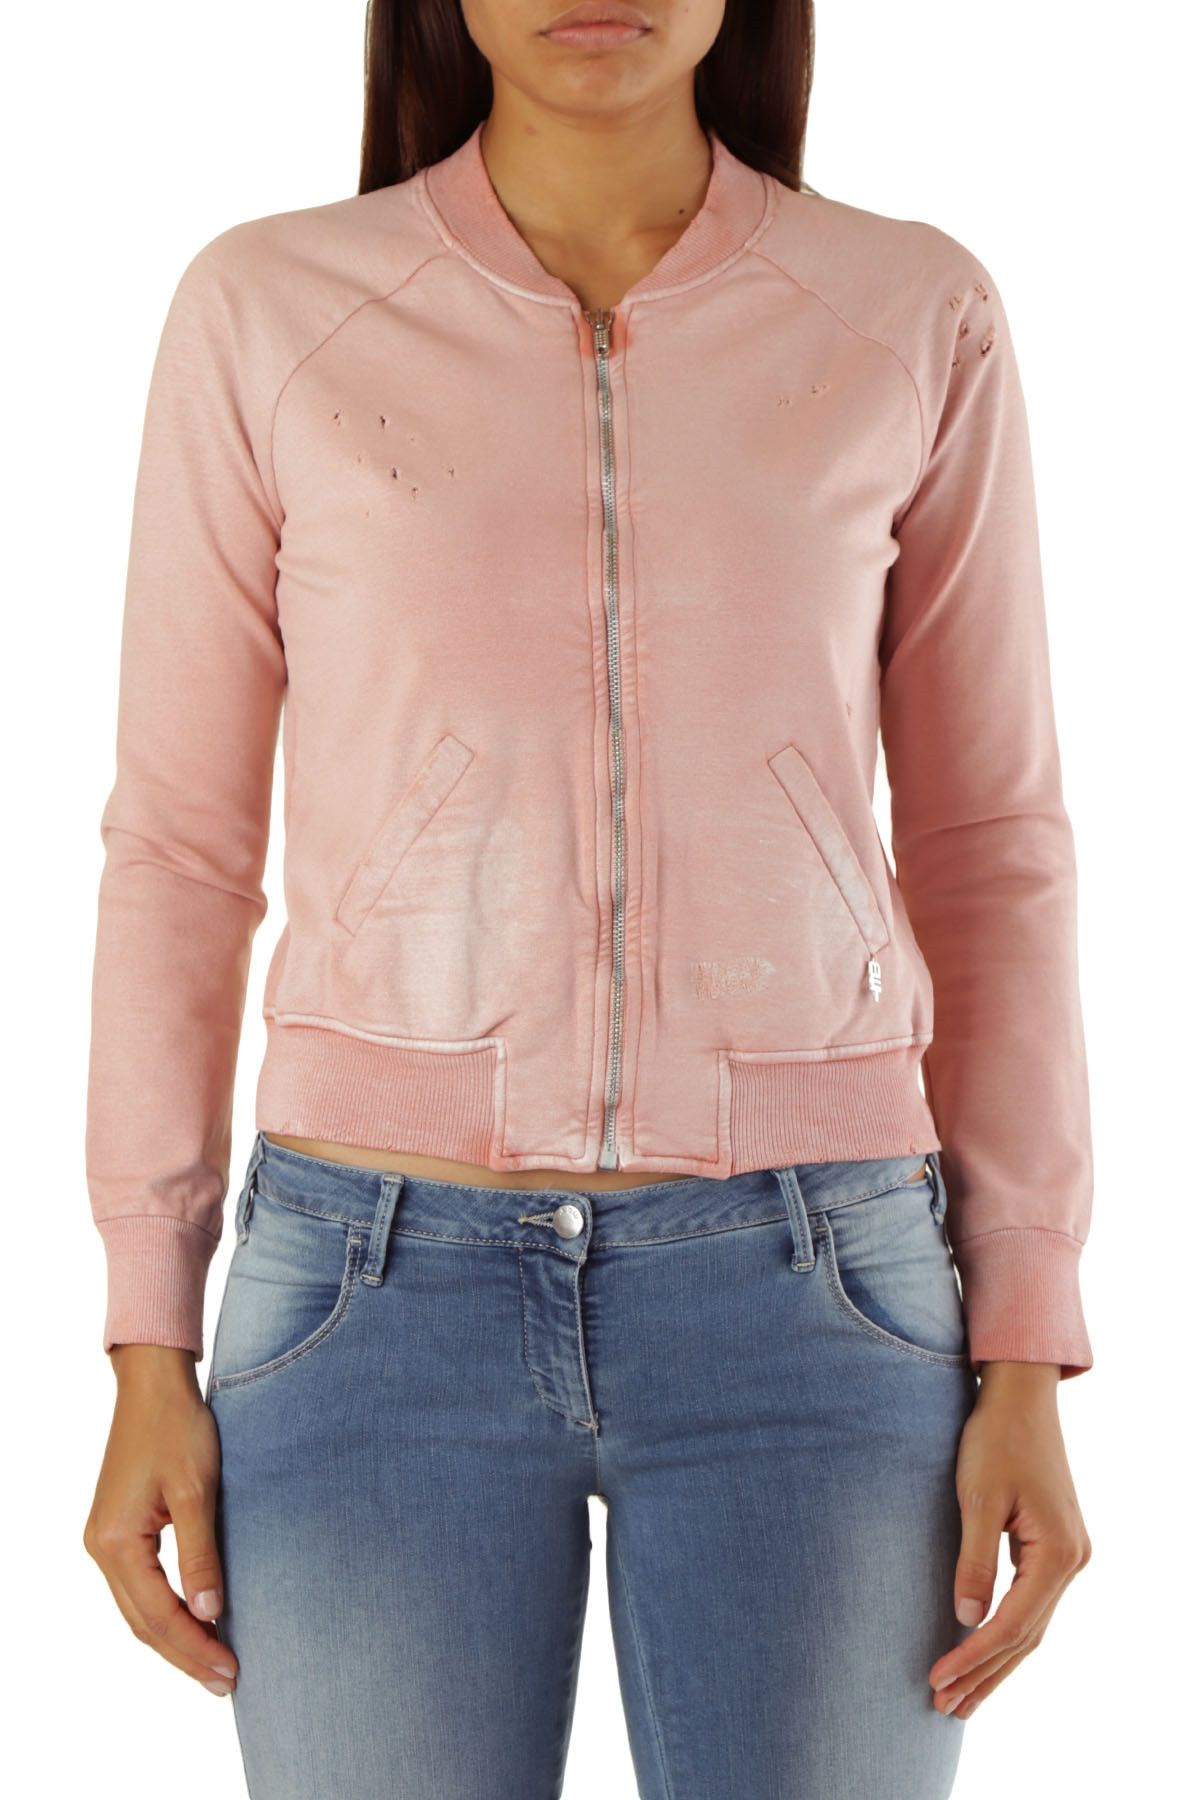 Met Women's Sweatshirt In Pink